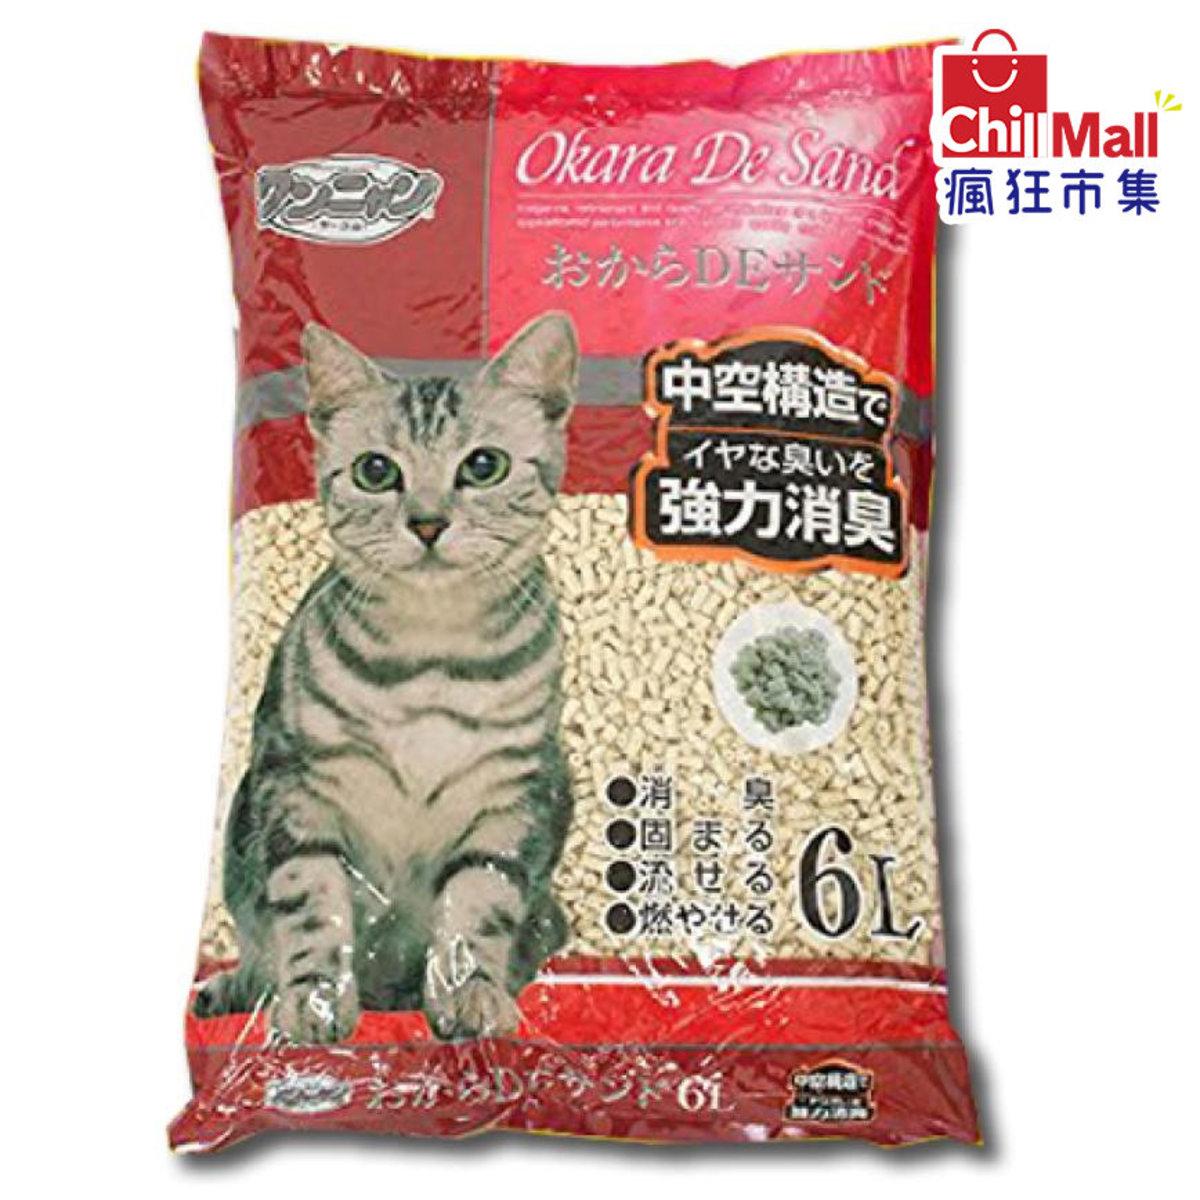 【豆腐貓砂】日本Okara De Sand中空強力消臭豆腐貓砂 6L (紅) 6209186